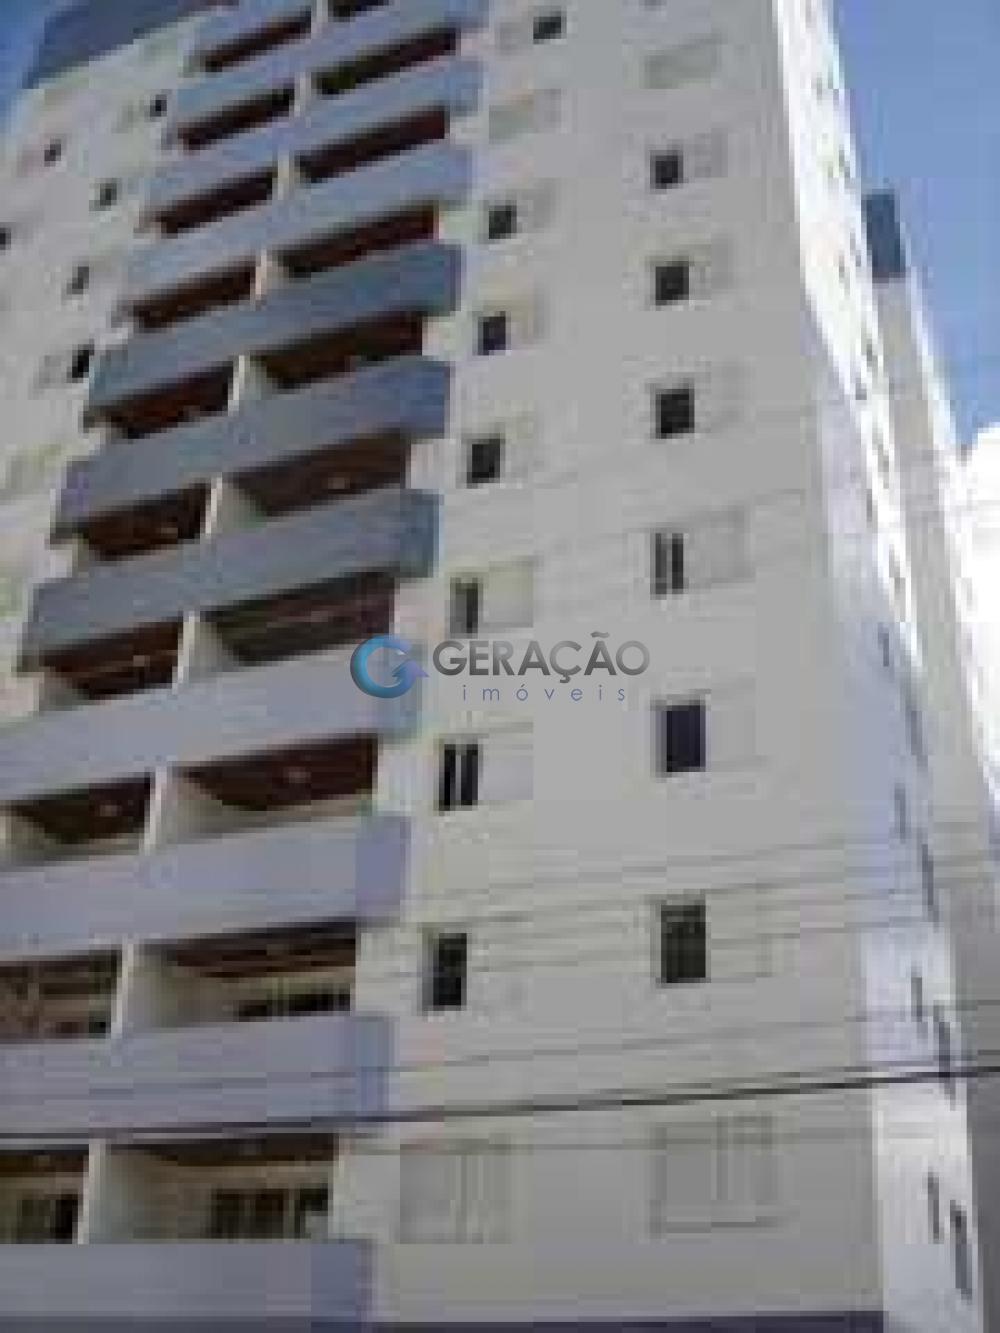 Comprar Apartamento / Padrão em São José dos Campos R$ 480.000,00 - Foto 1